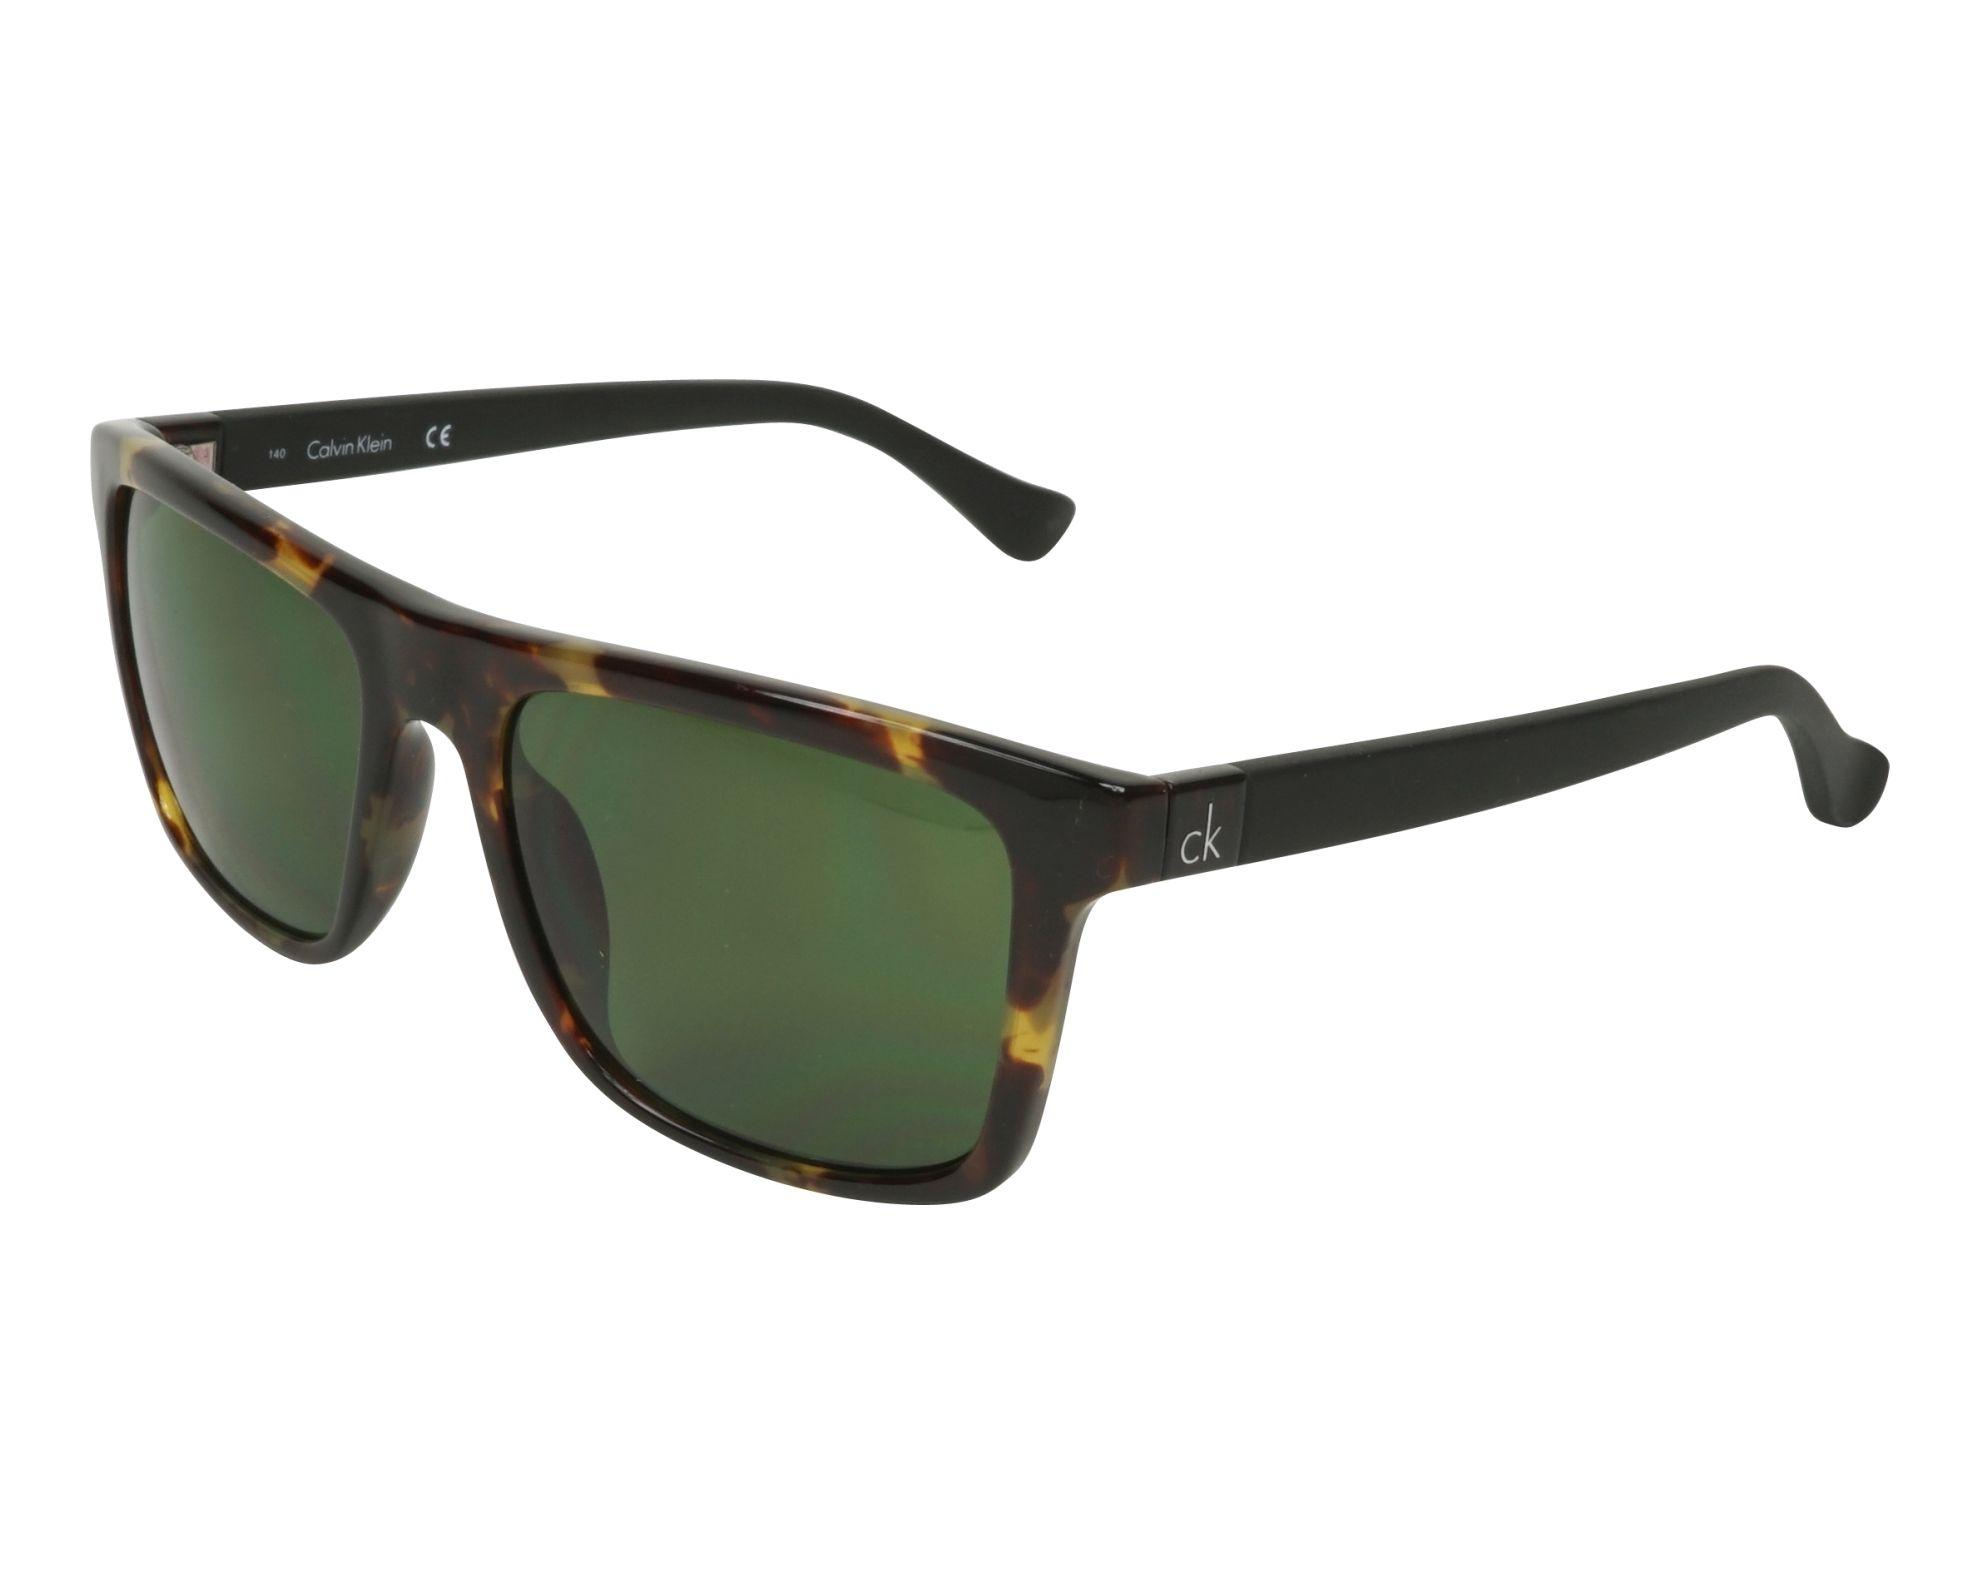 520a78cfd7 Gafas de sol Calvin Klein CK-3177-S 214 55-18 Marrón Negra